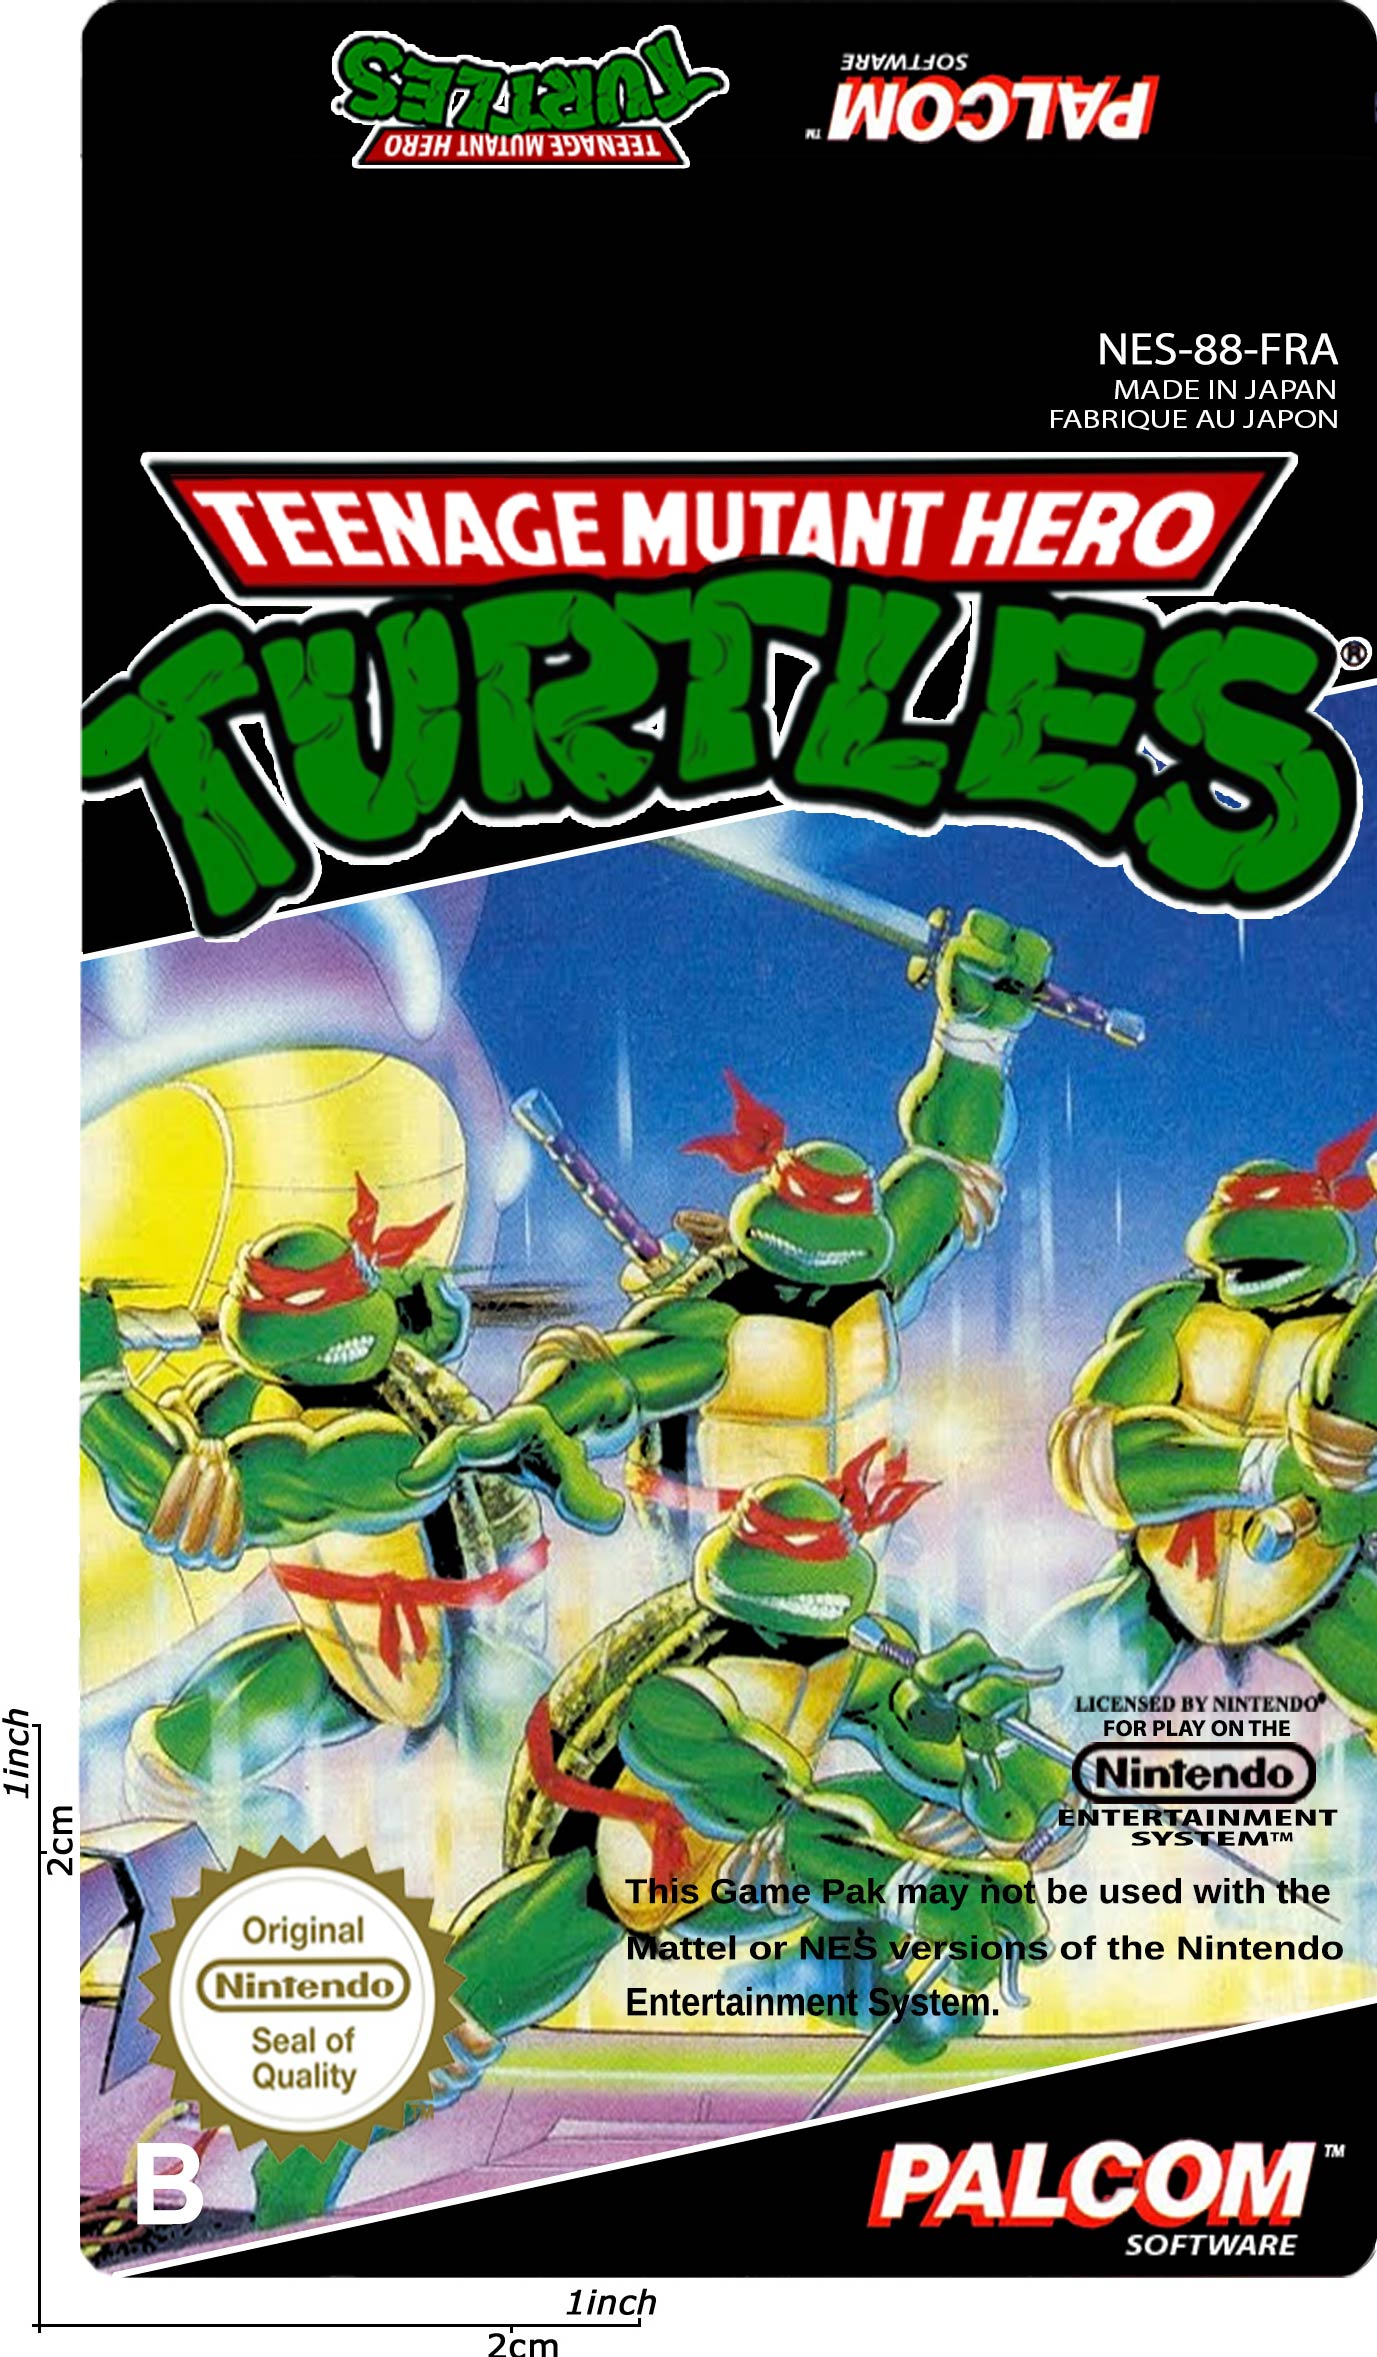 Etiquette-Tortues-ninja-NES-2eme-jet.jpg